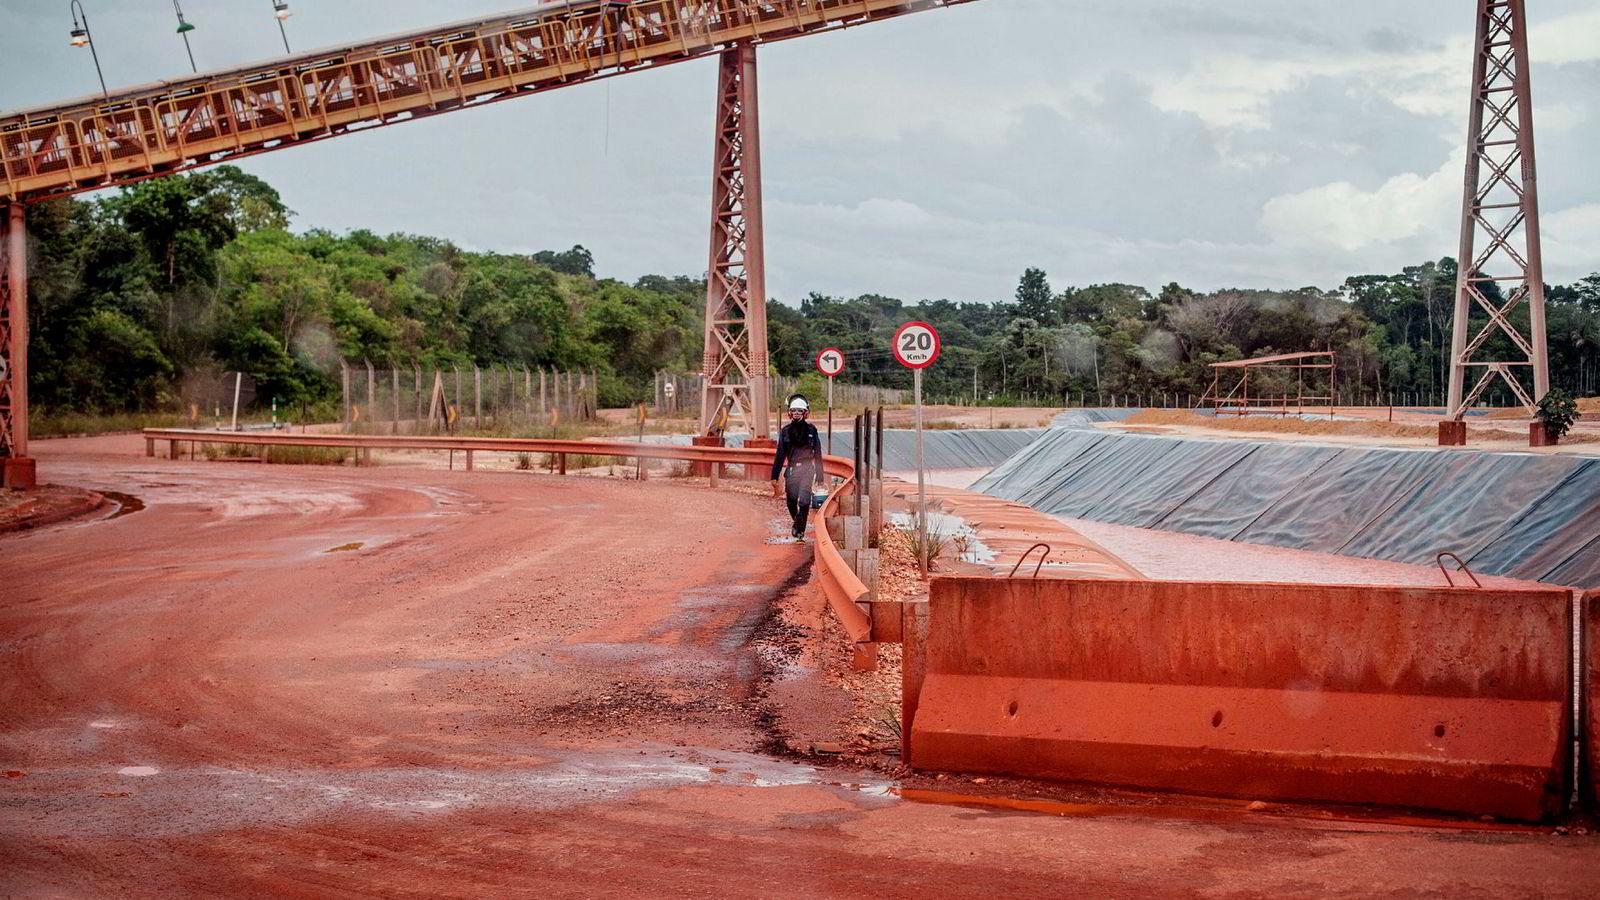 Hydro-skandalen blir altså brukt politisk. Det er én forklaring på hvorfor det går så galt for Hydro i Brasil nå. Men det er ingen unnskyldning. Her fra Alunorte, Hydros aluminiumsraffineri i Barcarena.